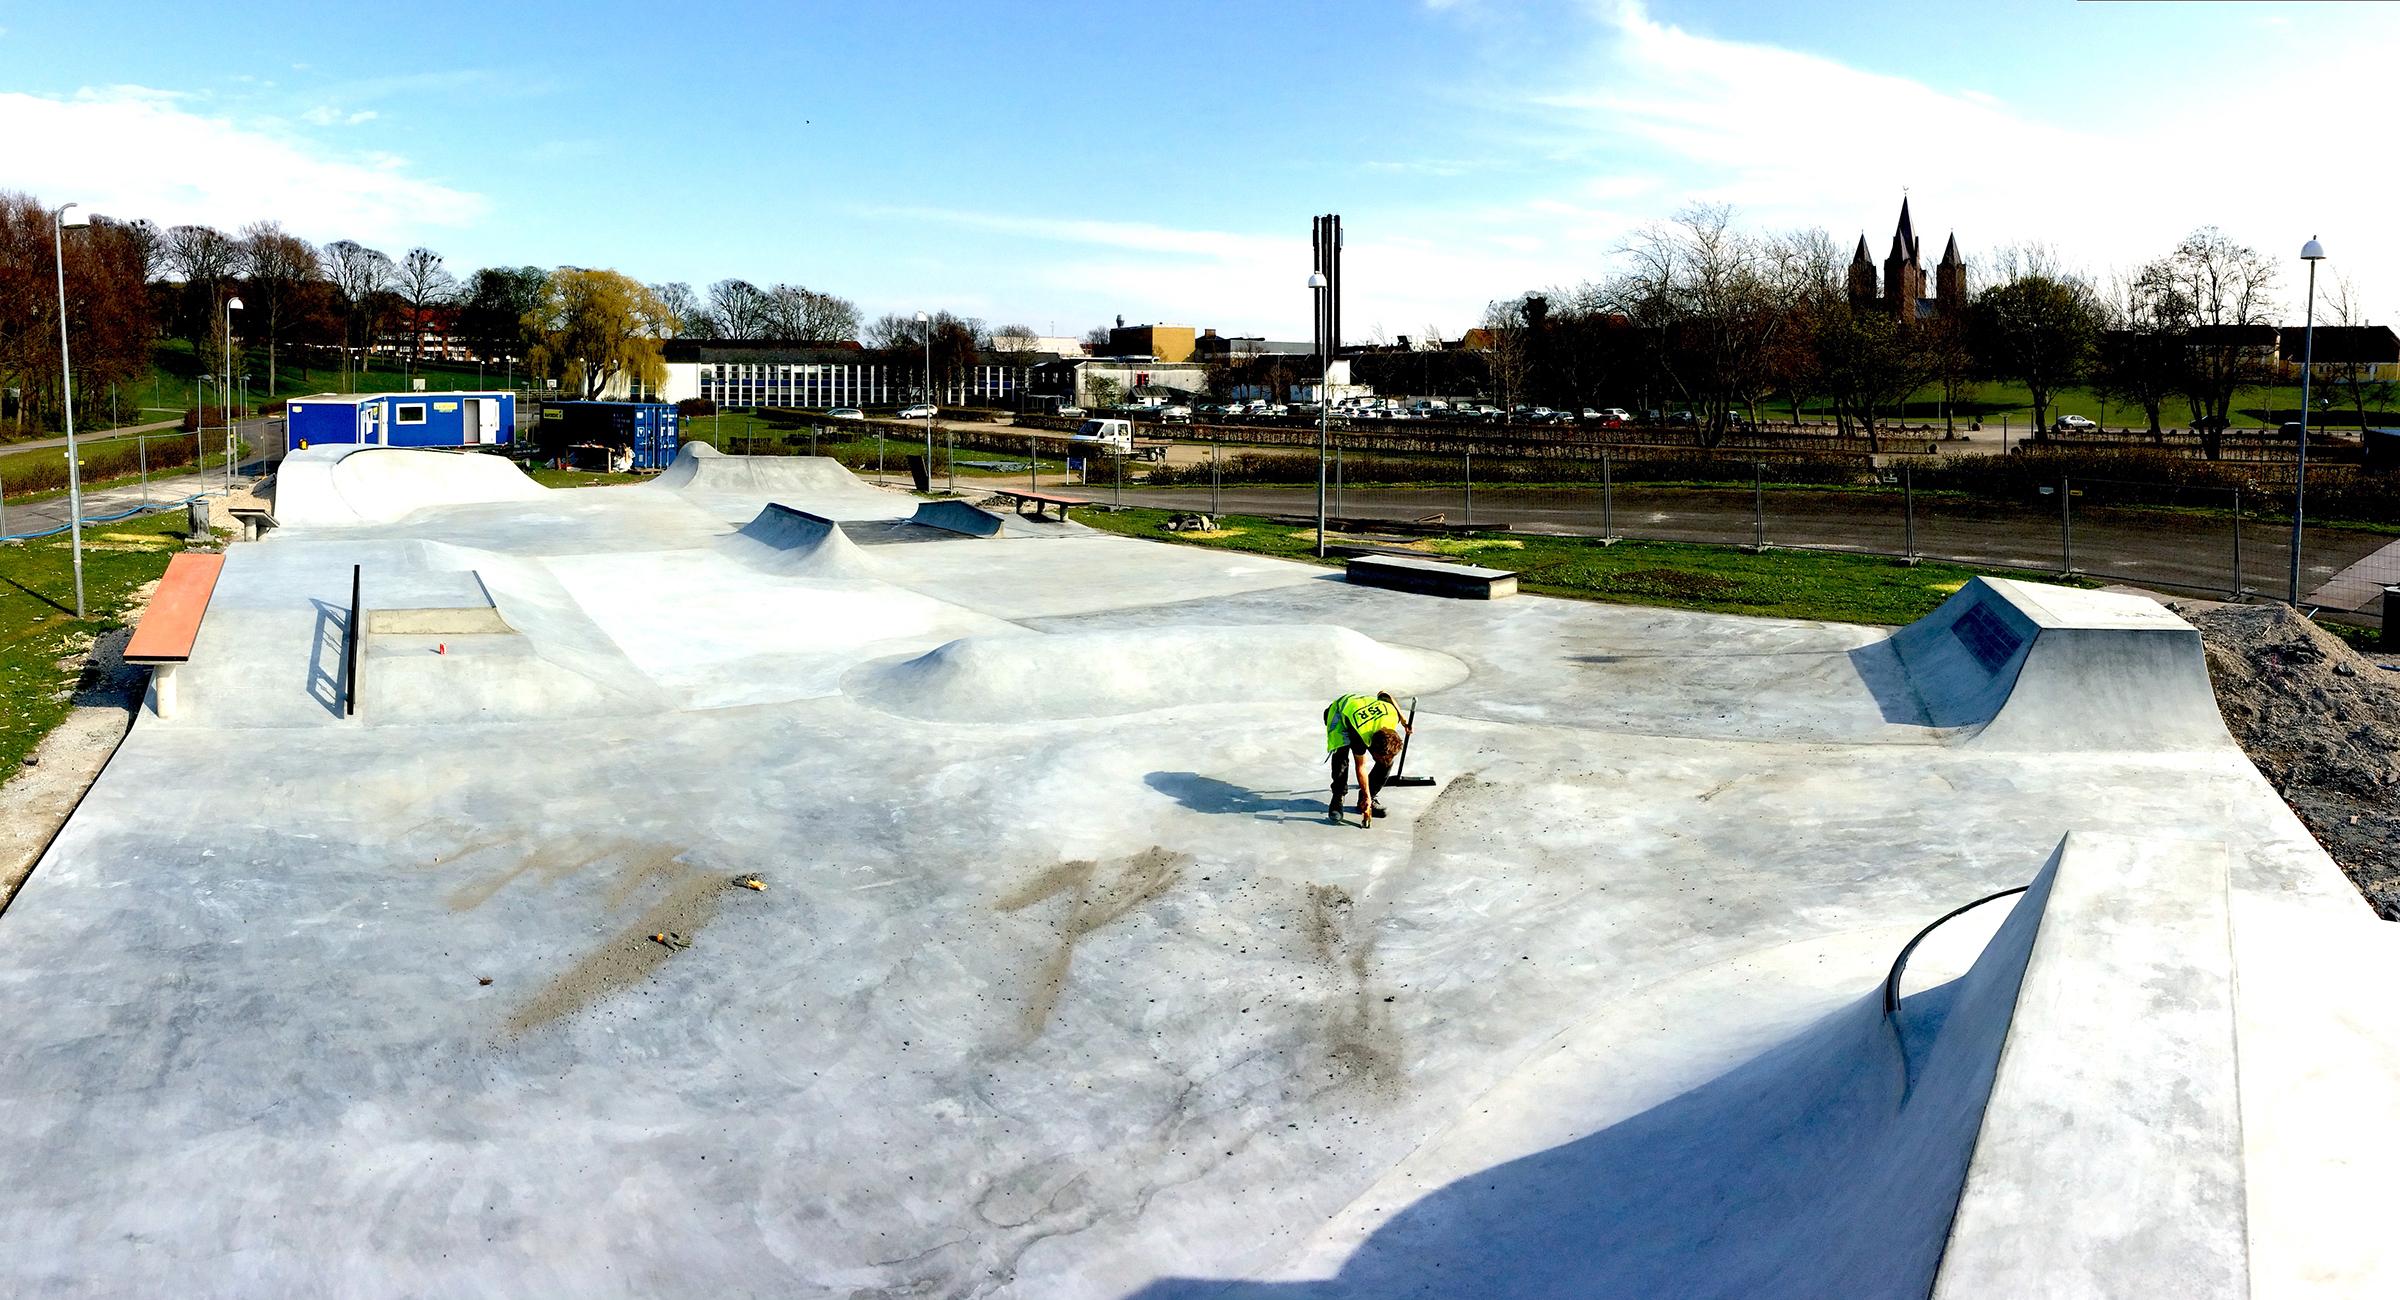 En medarbejder er i gang med at feje i en nybygget beton skatepark